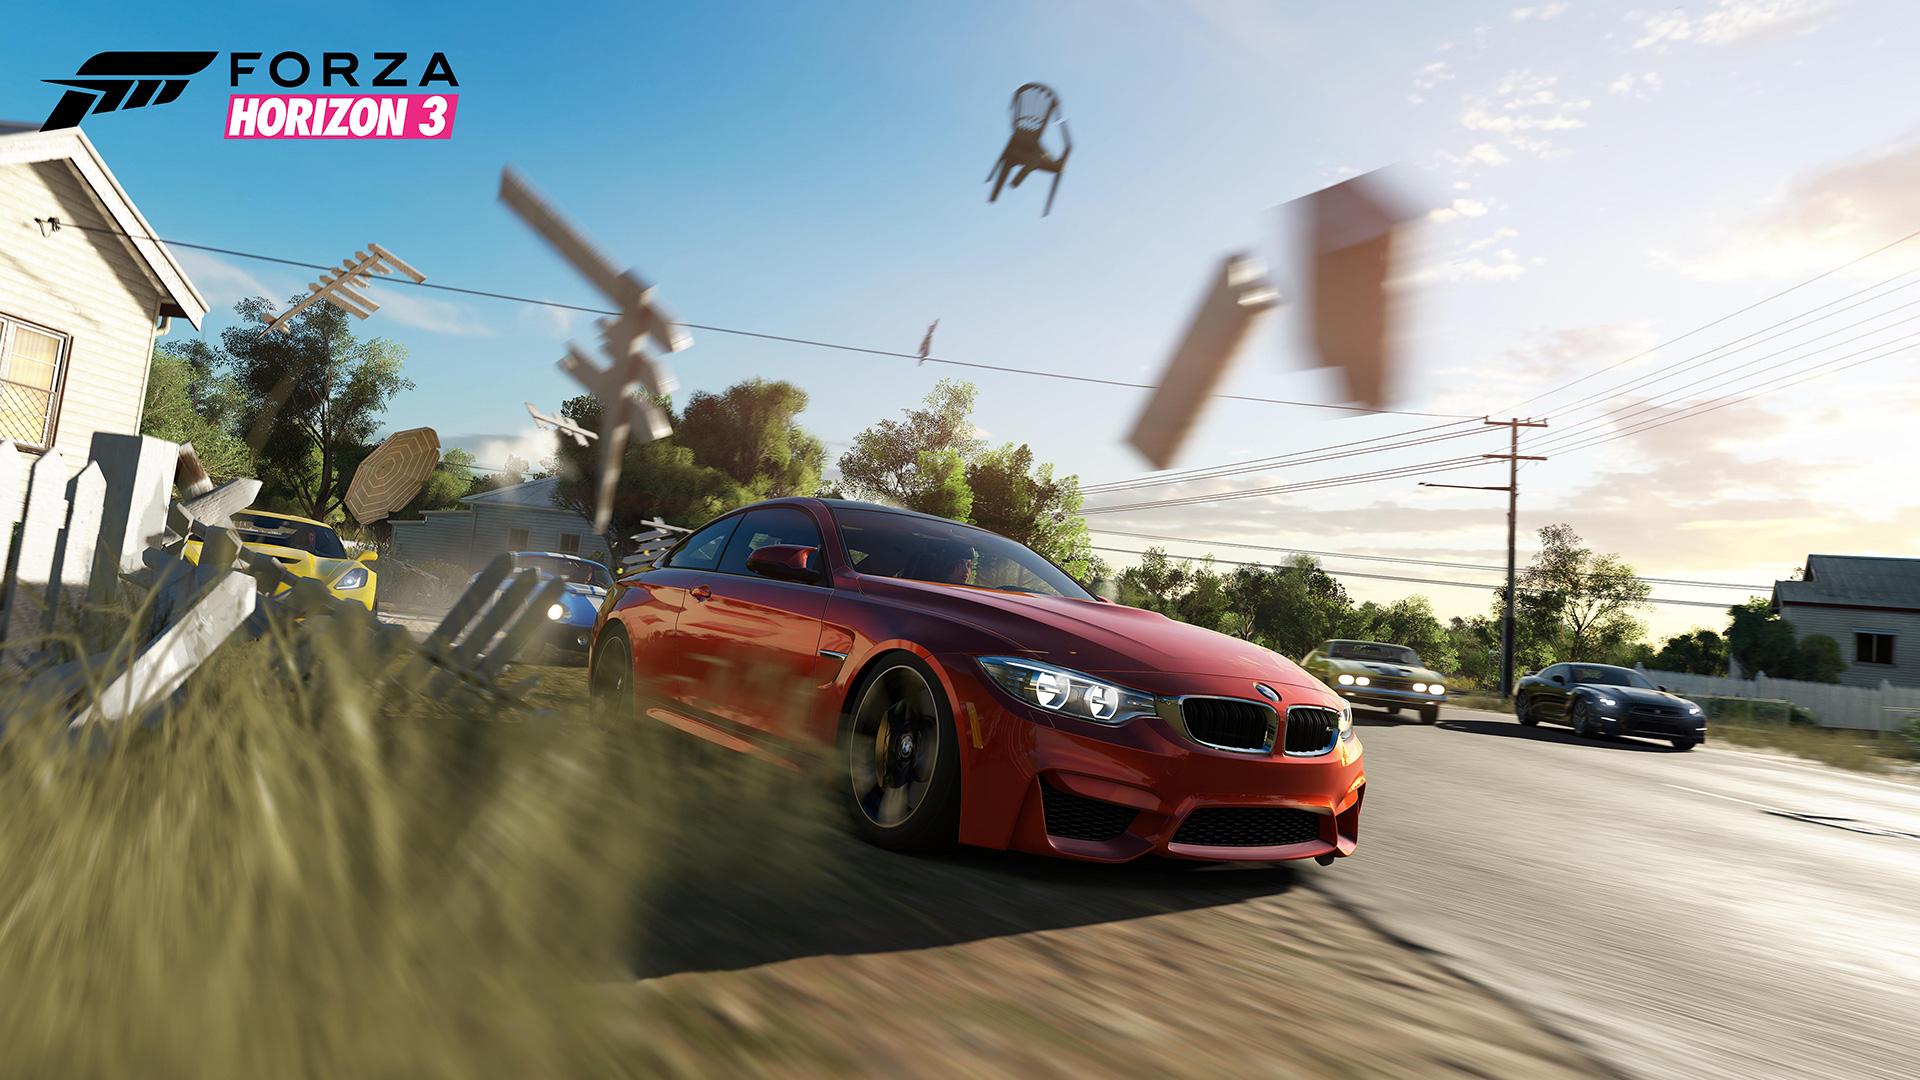 Ya disponible la demo de Forza Horizon 3, en Windows 10!!! Y sus especificaciones mínimas